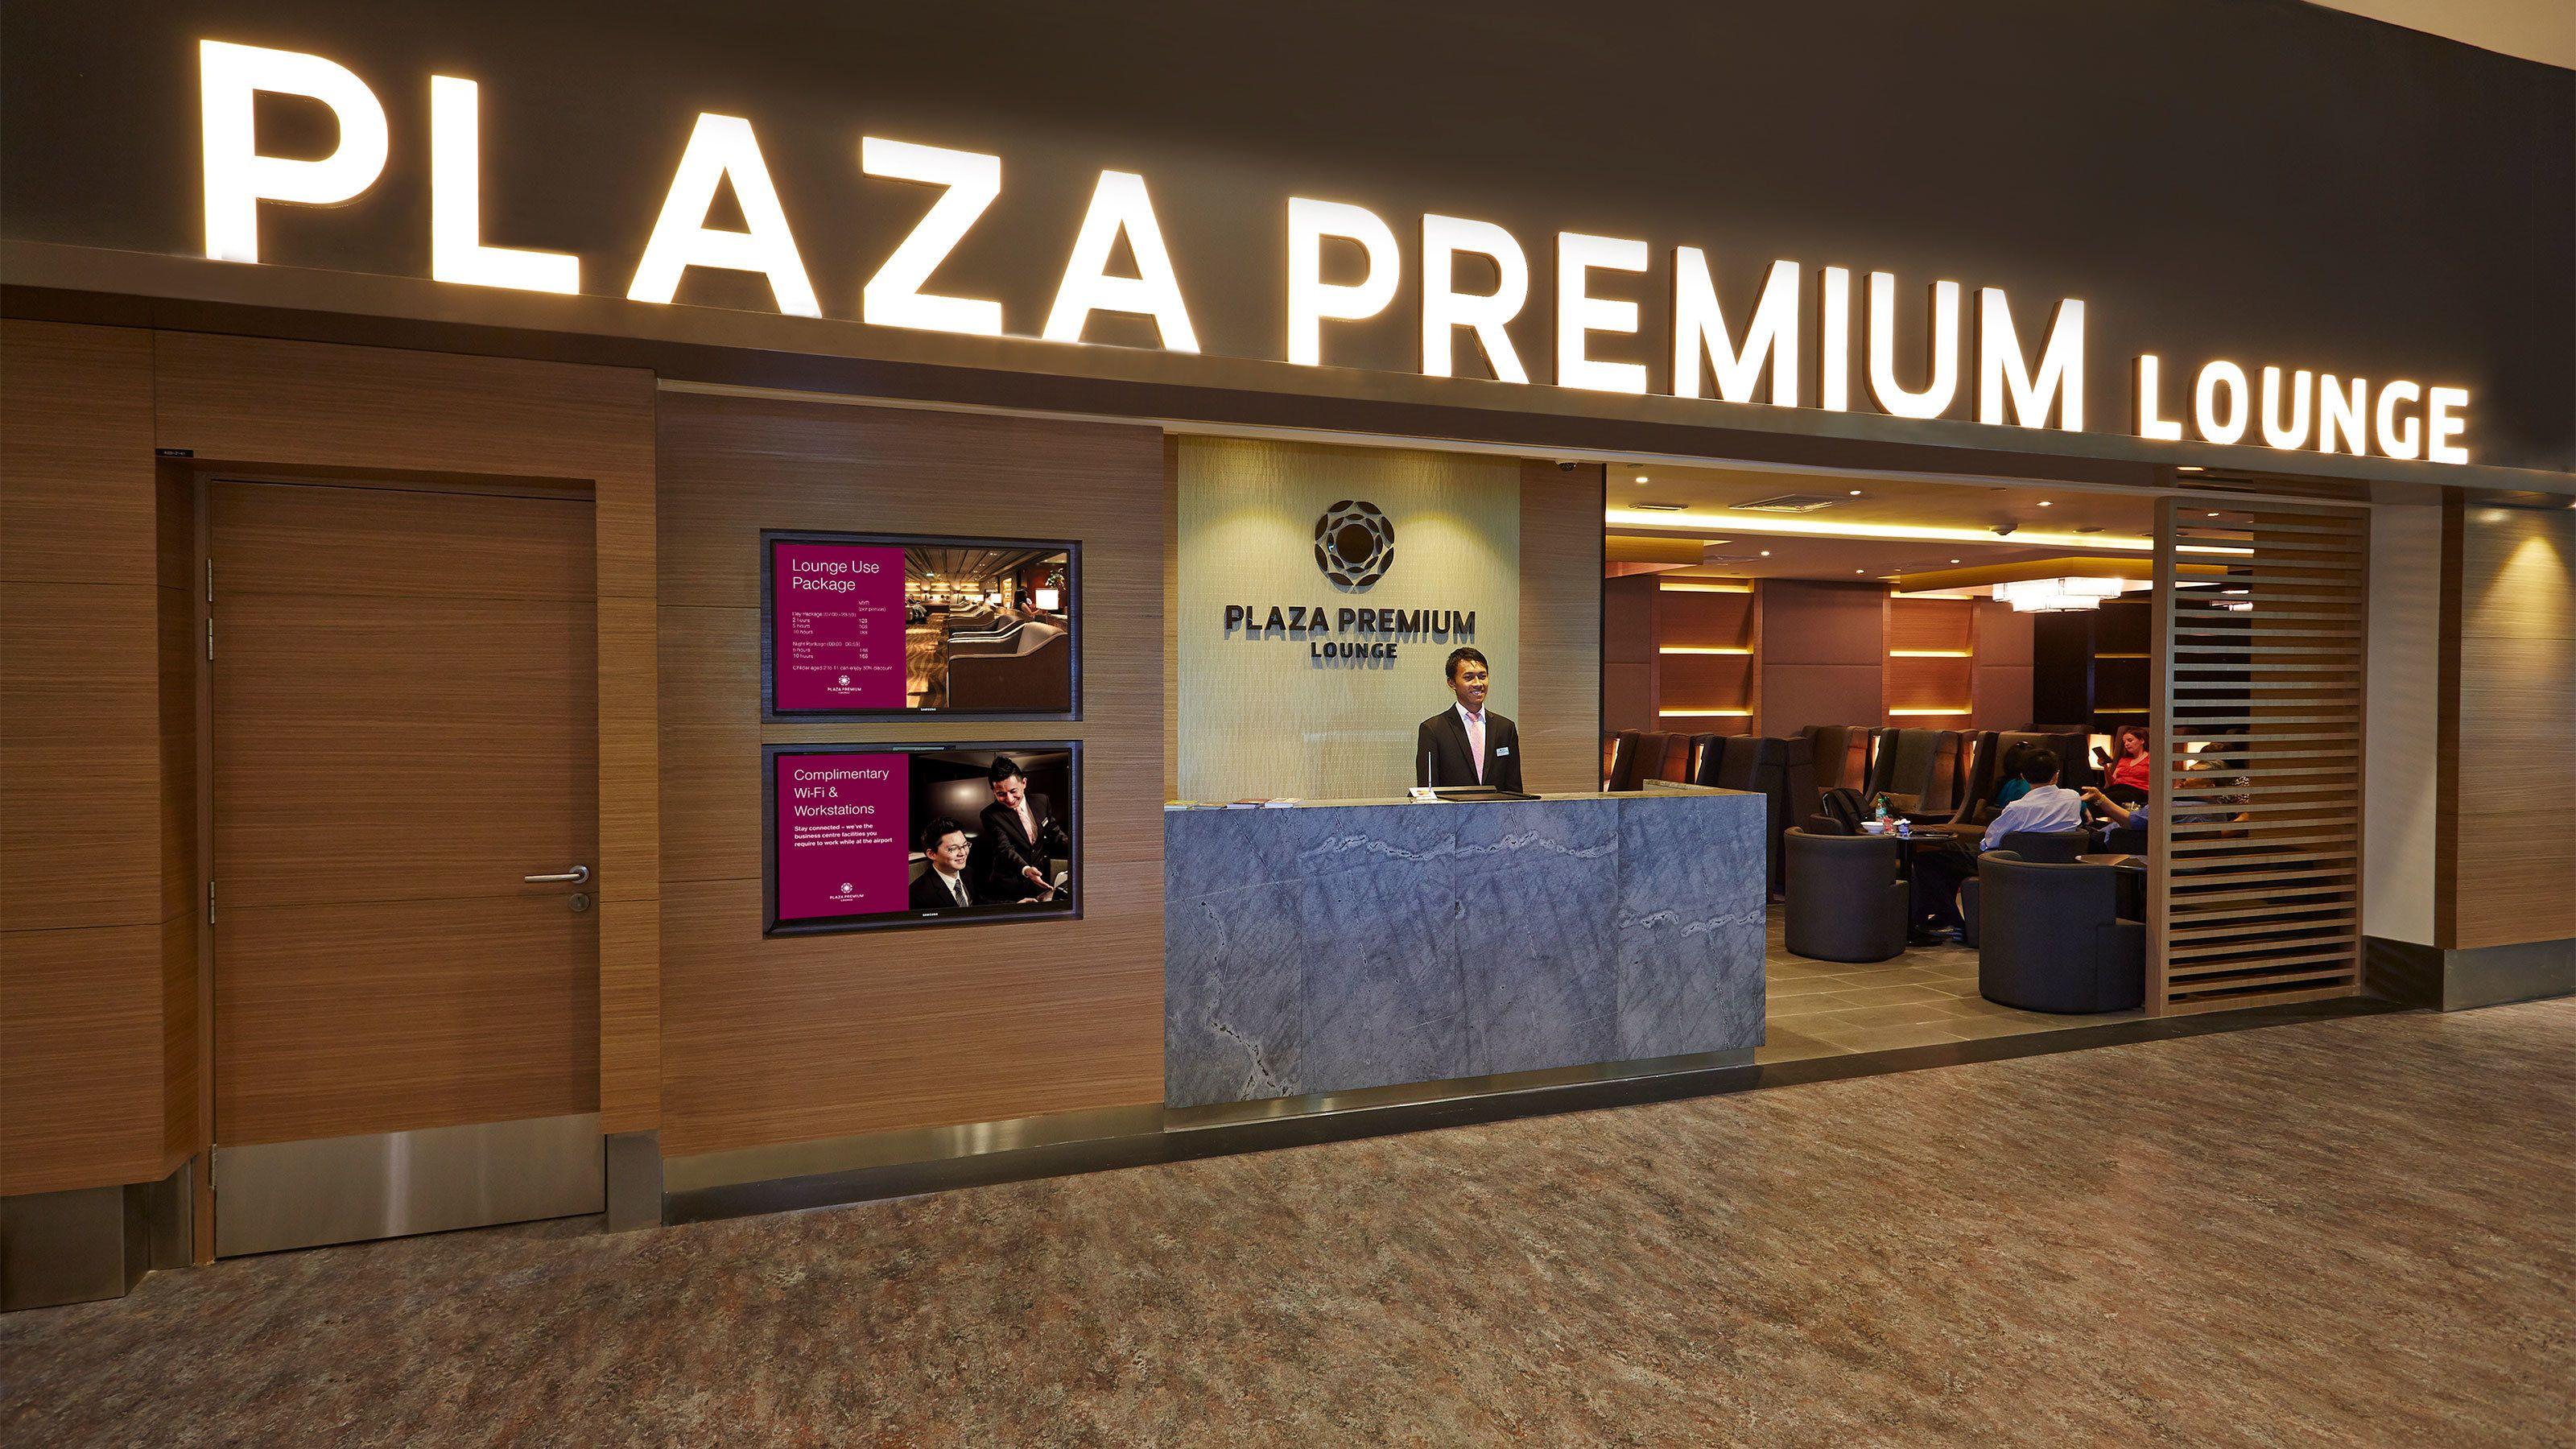 Plaza Premium Lounge at Kuala Lumpur International Airport (KUL)